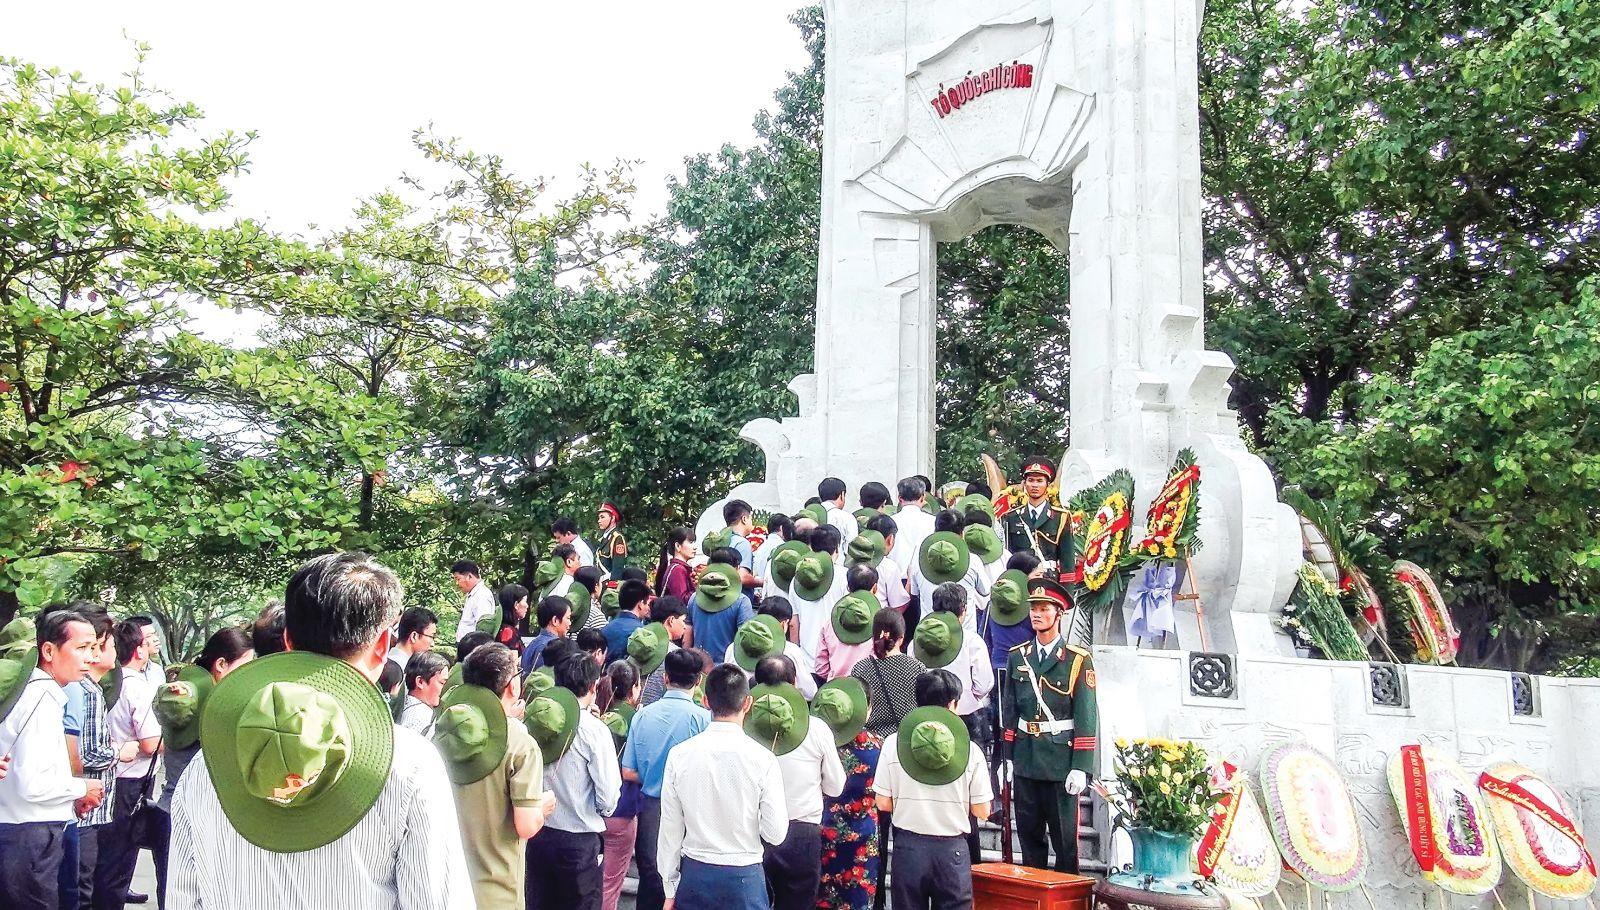 Phó Thủ tướng Vương Đình Huệ cùng đoàn công tác dâng hương tri ân các anh hùng liệt sĩ tại Quảng Trị. Ảnh: TRẦN TĨNH  (TTXVN)